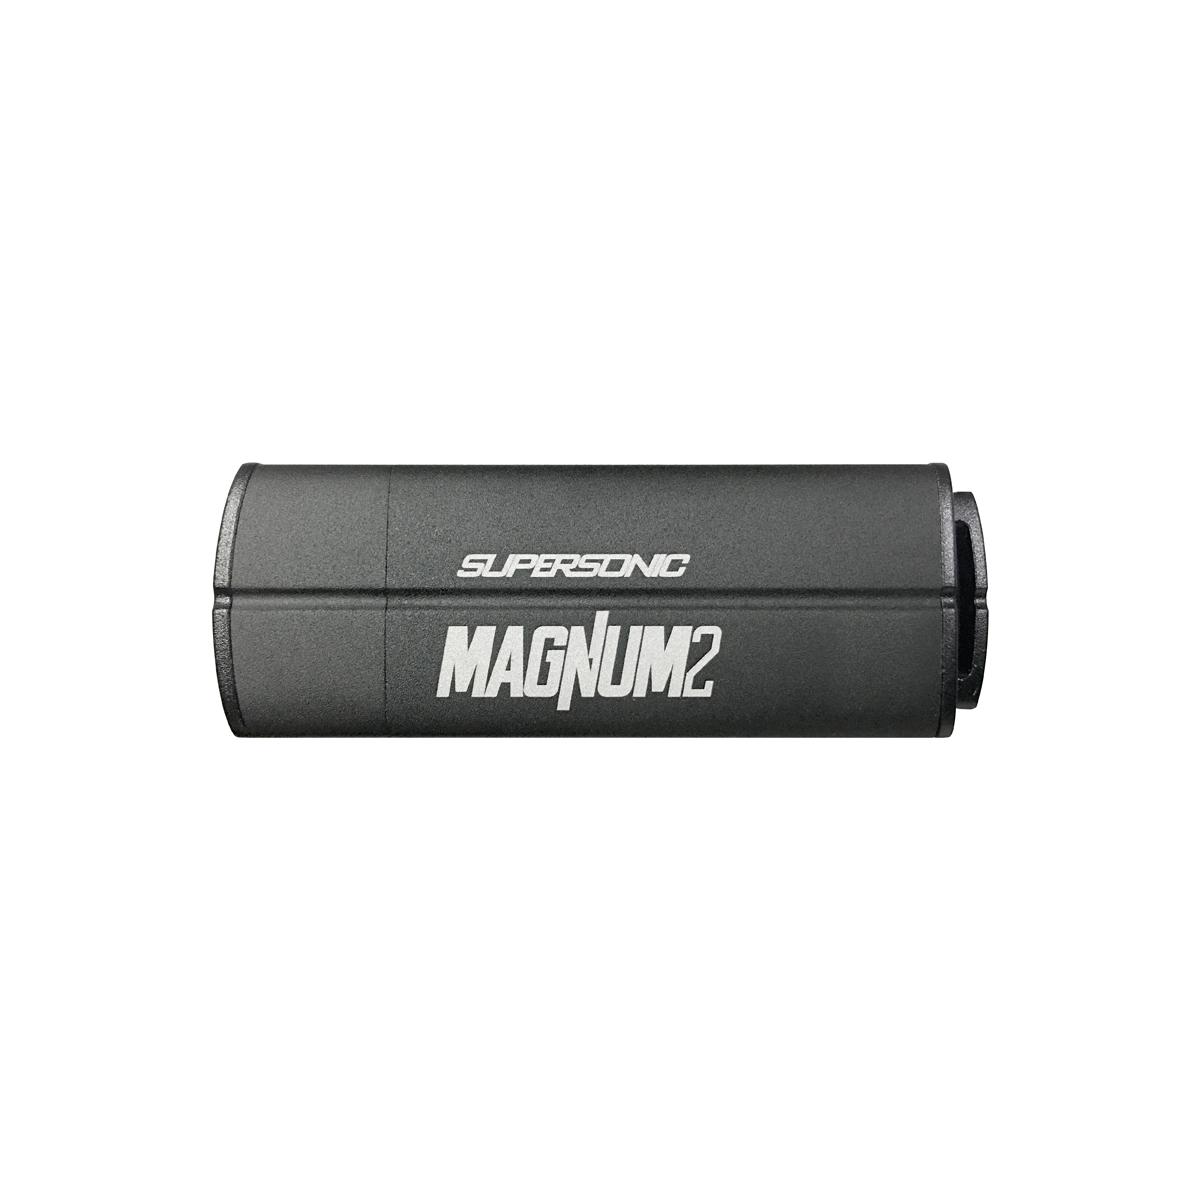 256GB Patriot Supersonic Magnum 2 USB 3.0 400/300MBs